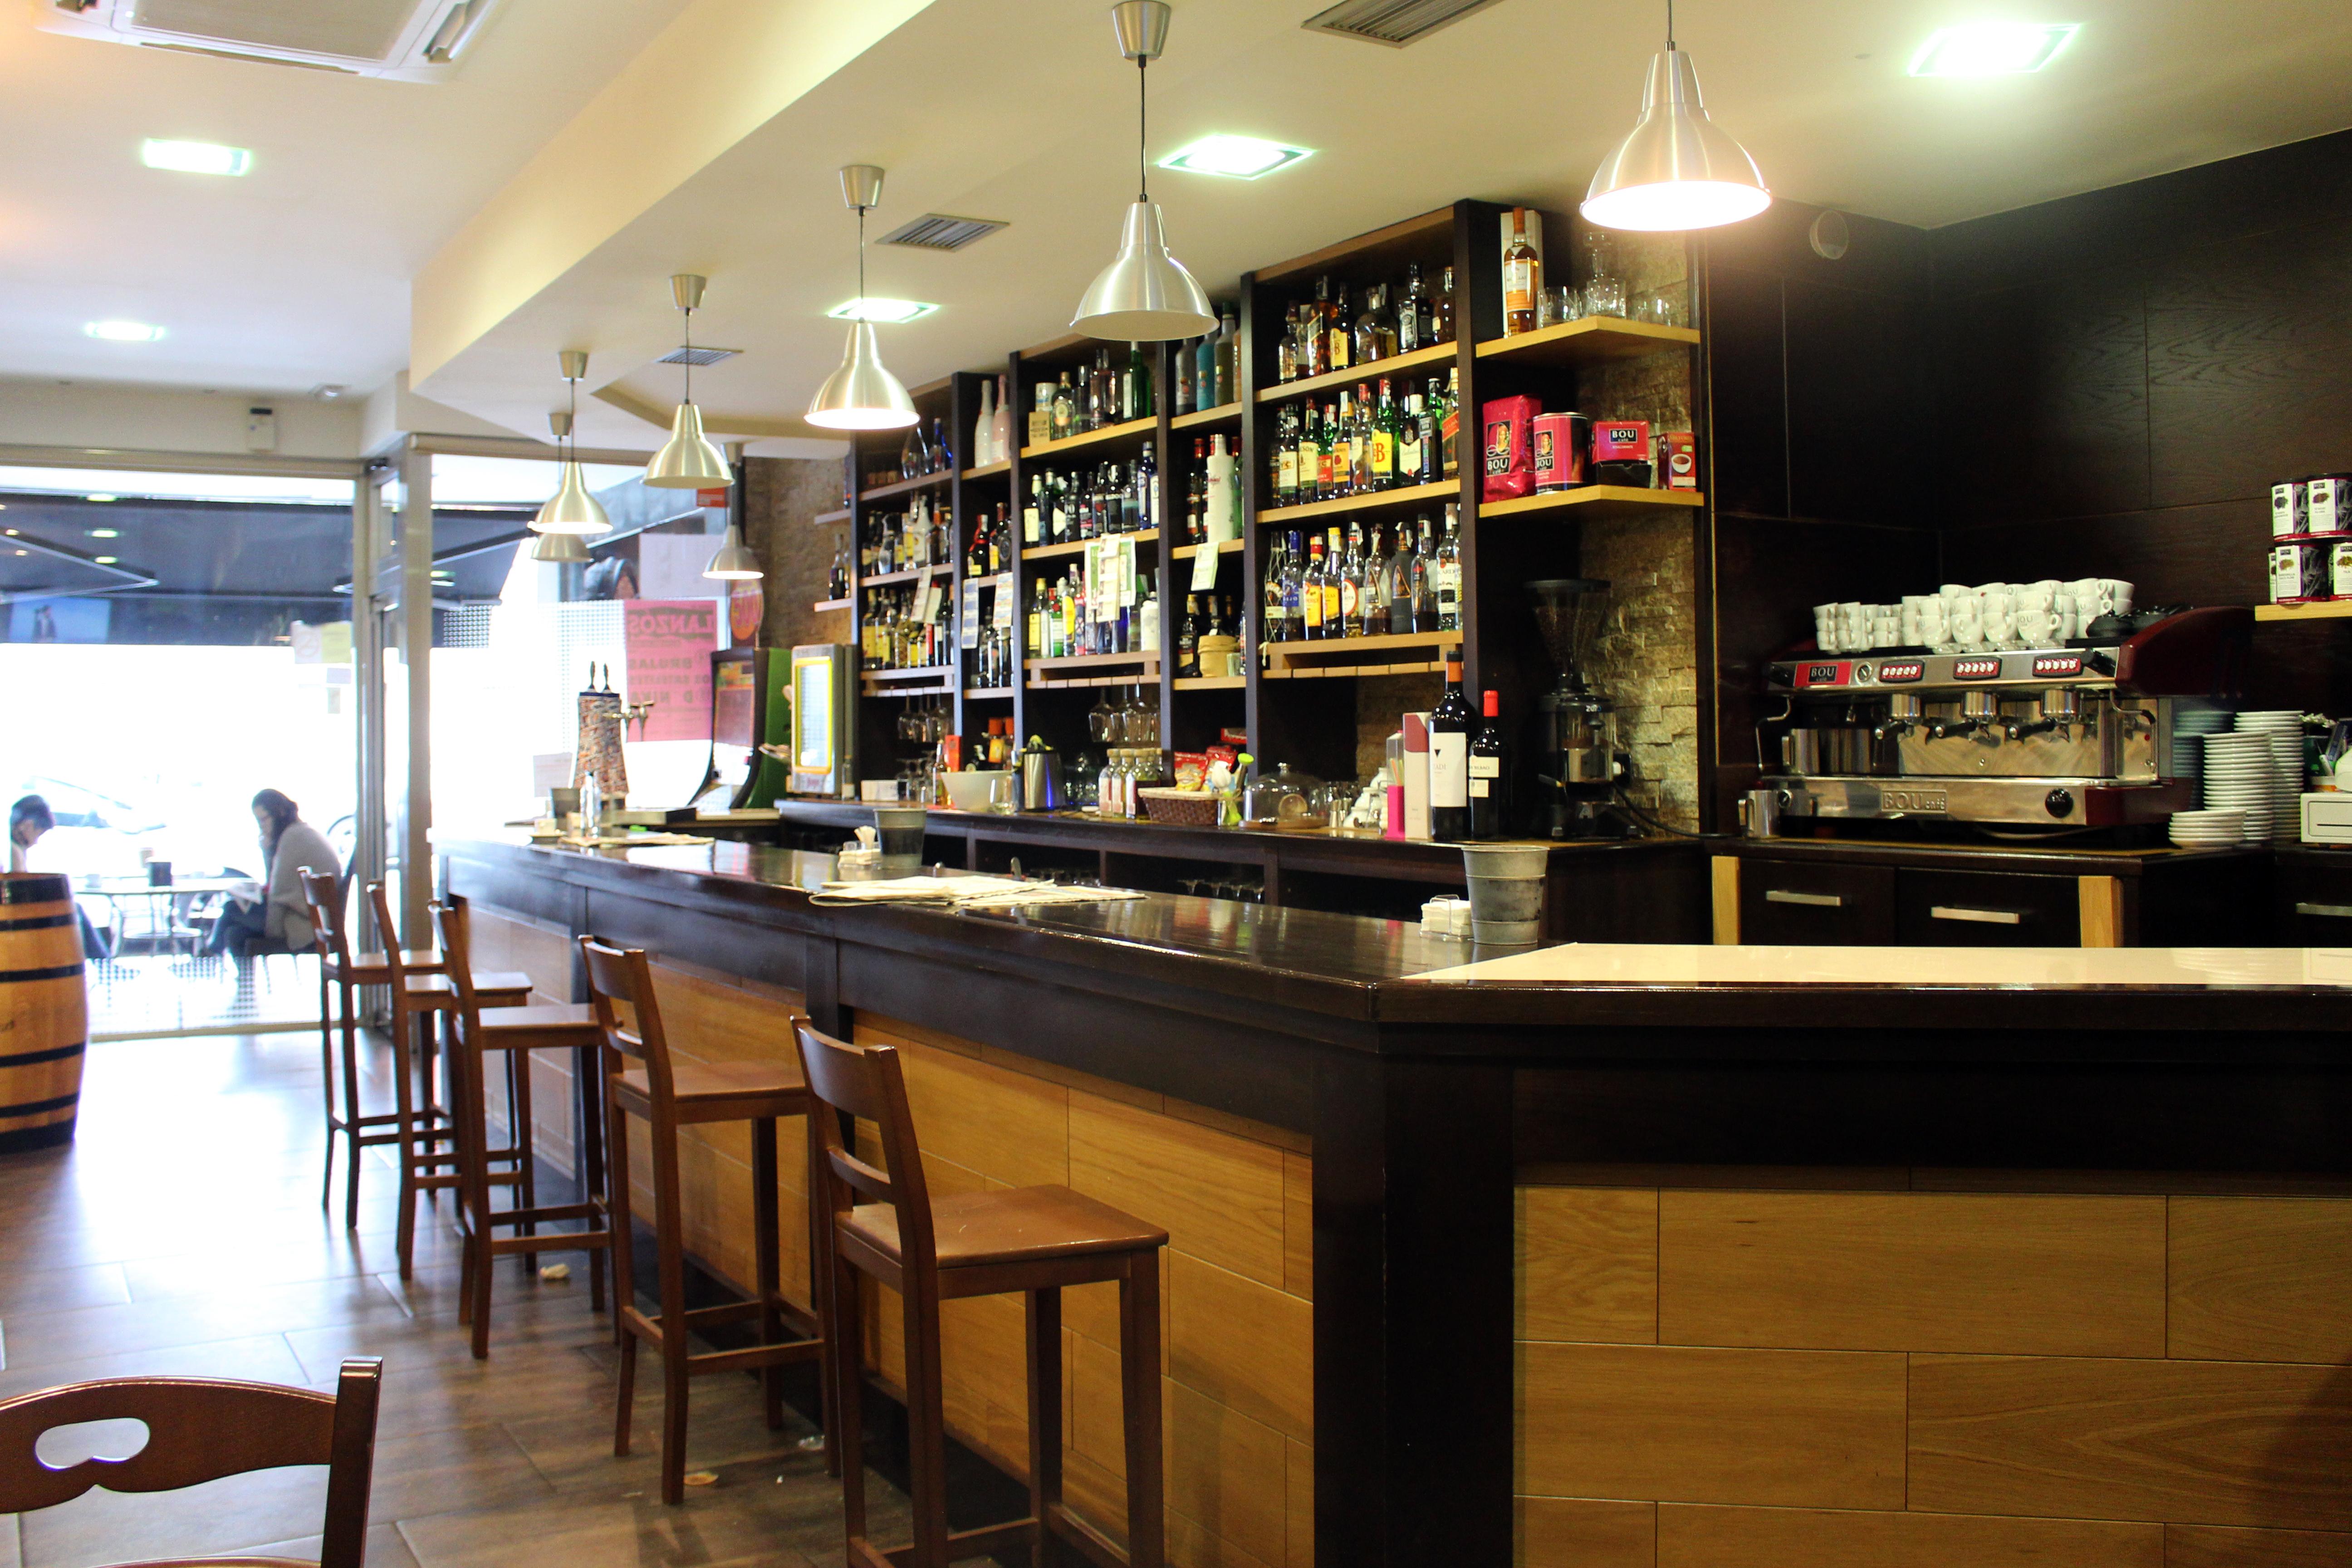 Saborea tapas de cocina tradicional y un Espresso Perfecto BOU en el Café Centro de Vilalba (Lugo)